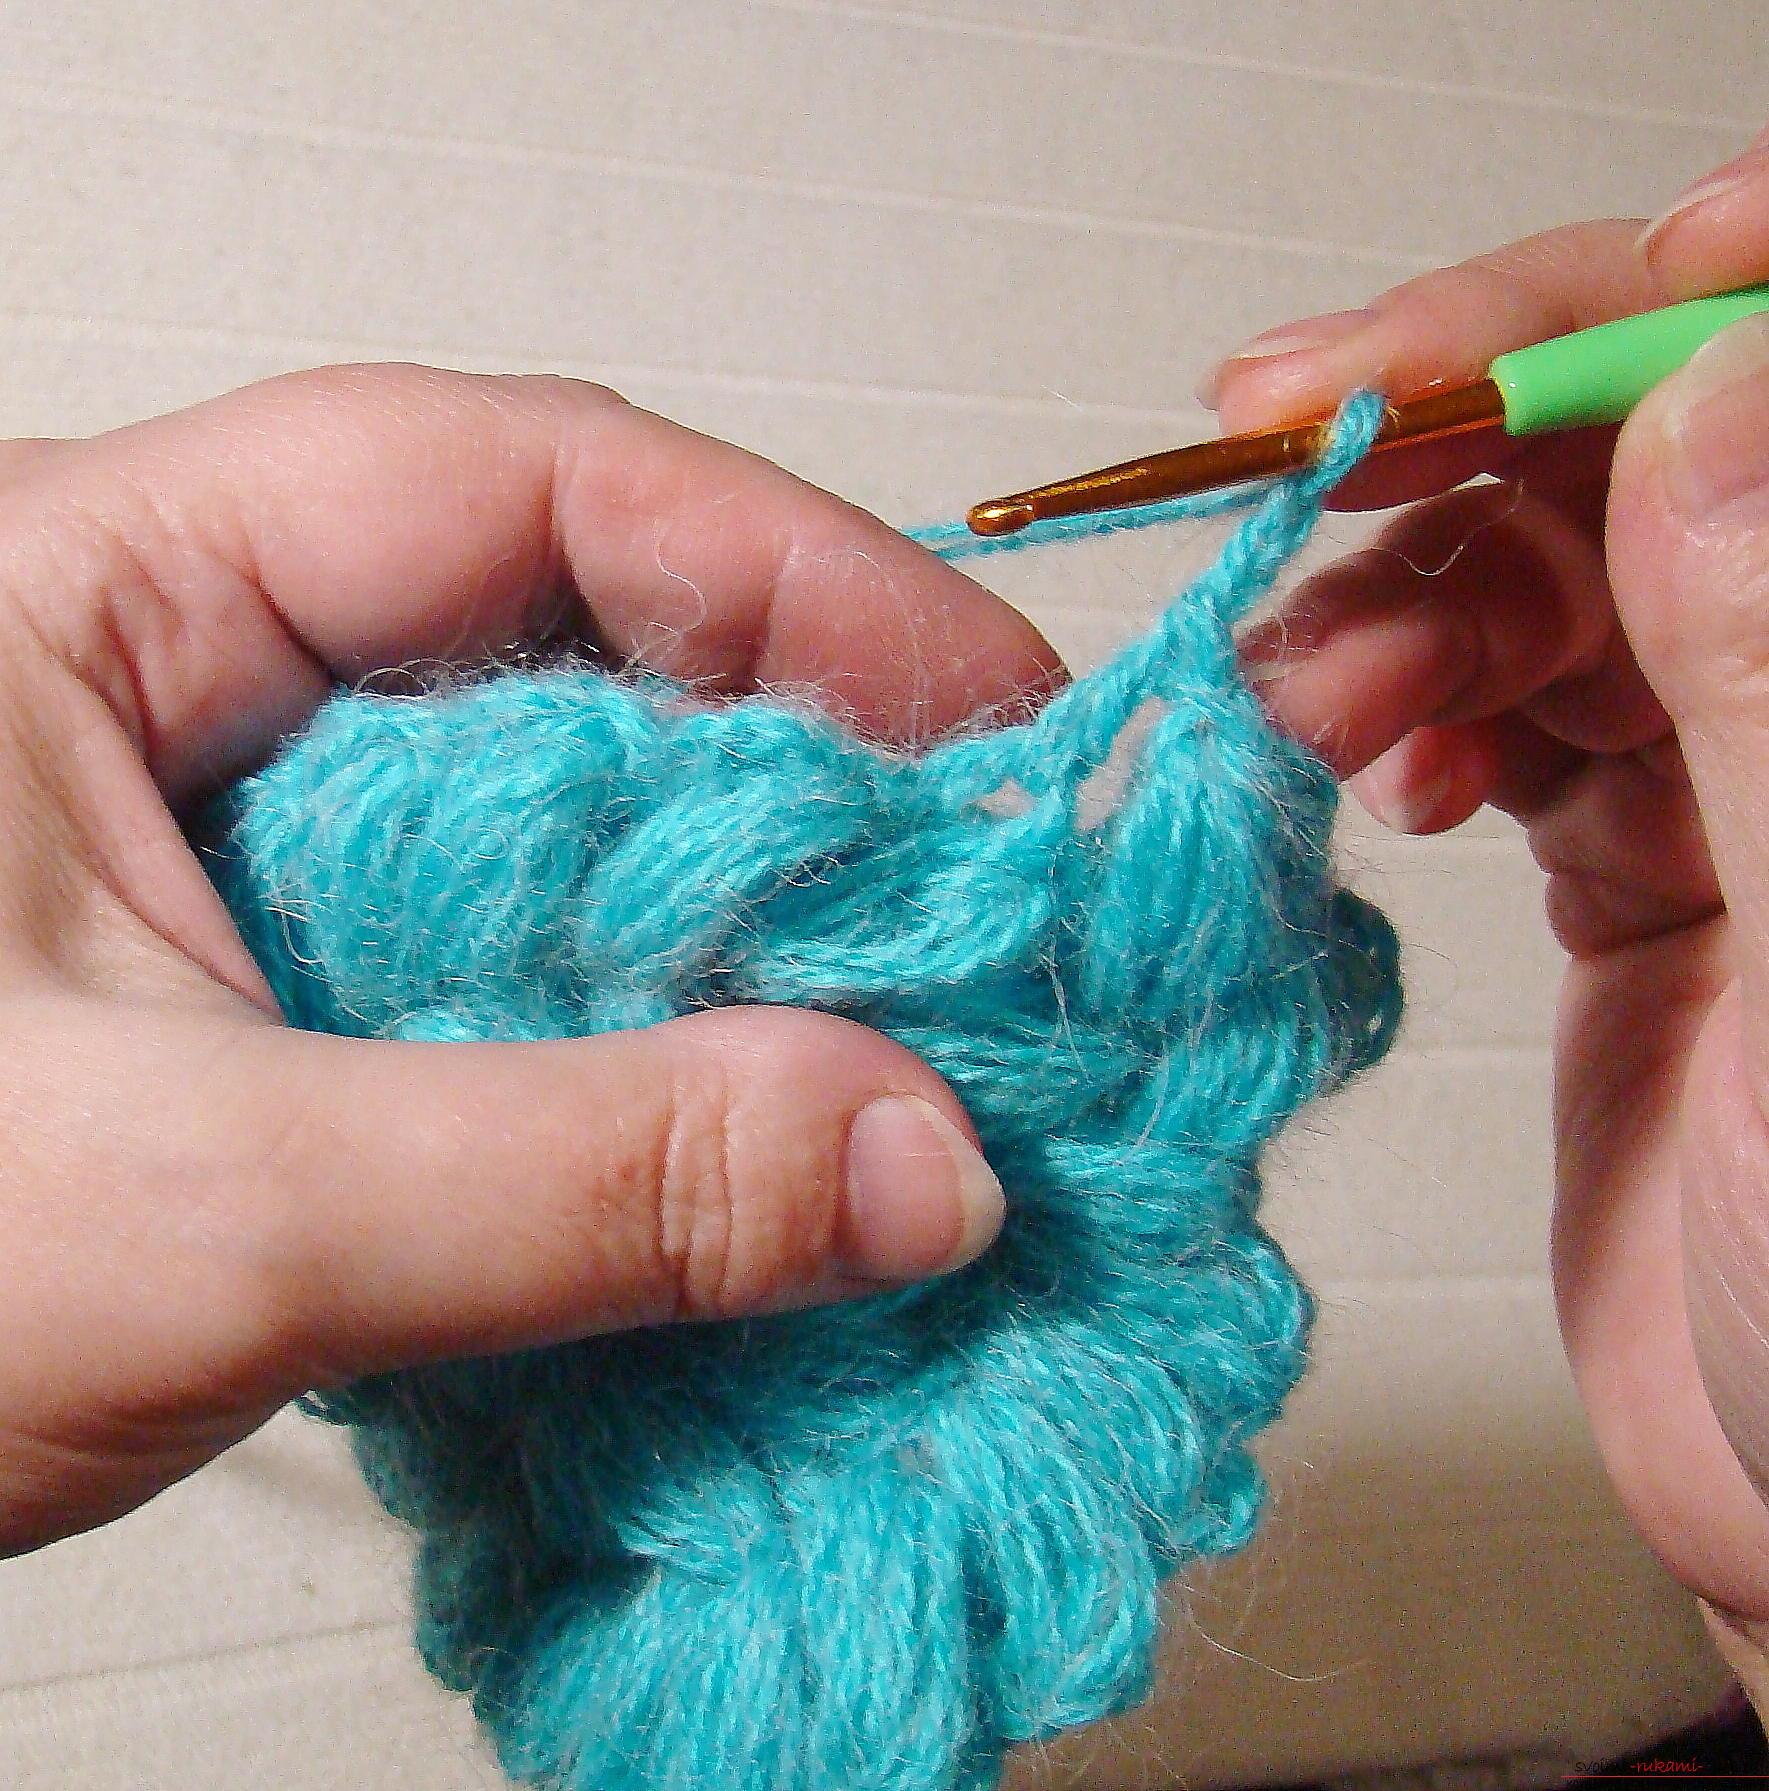 Бизнес на вязании - это модно! Интервью с успешной